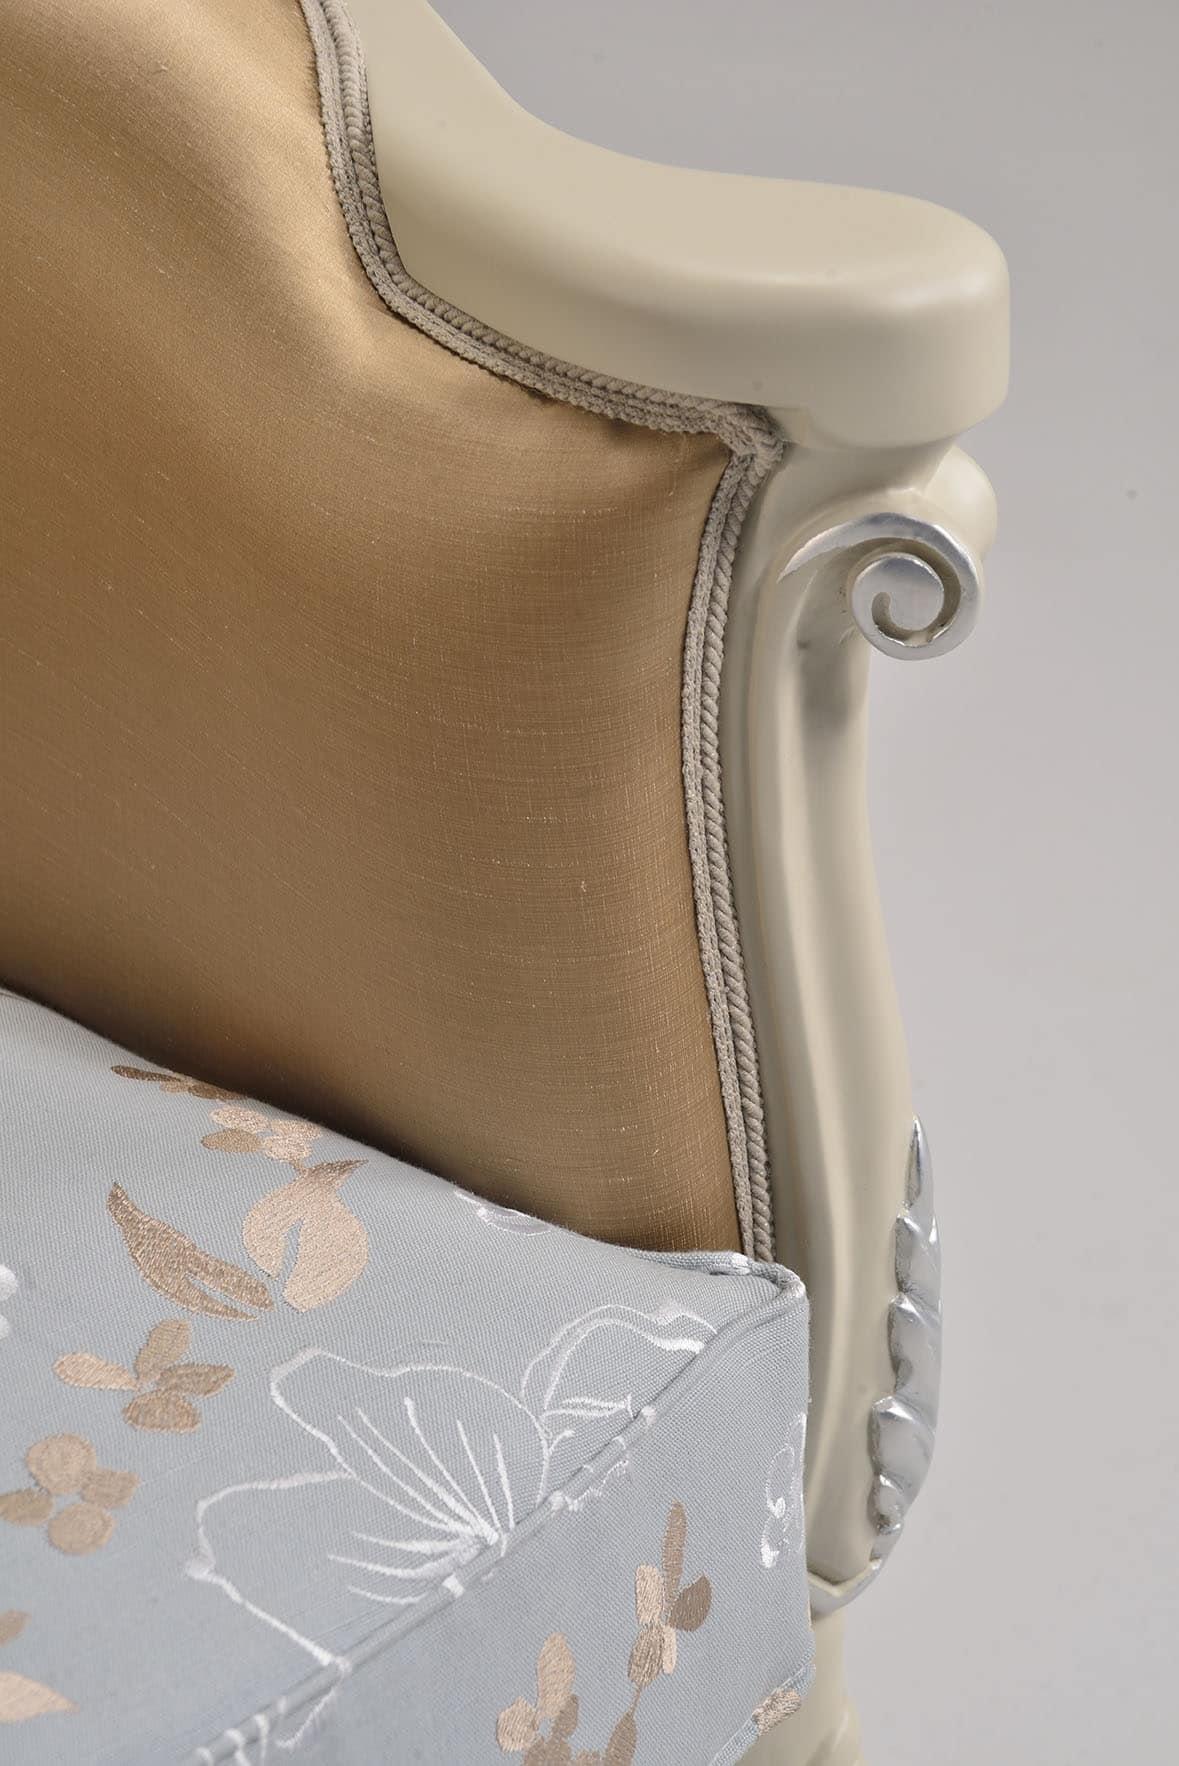 VENEZIA poltrona 8294A, Poltrona in stile classico con finitura in foglia d'argento